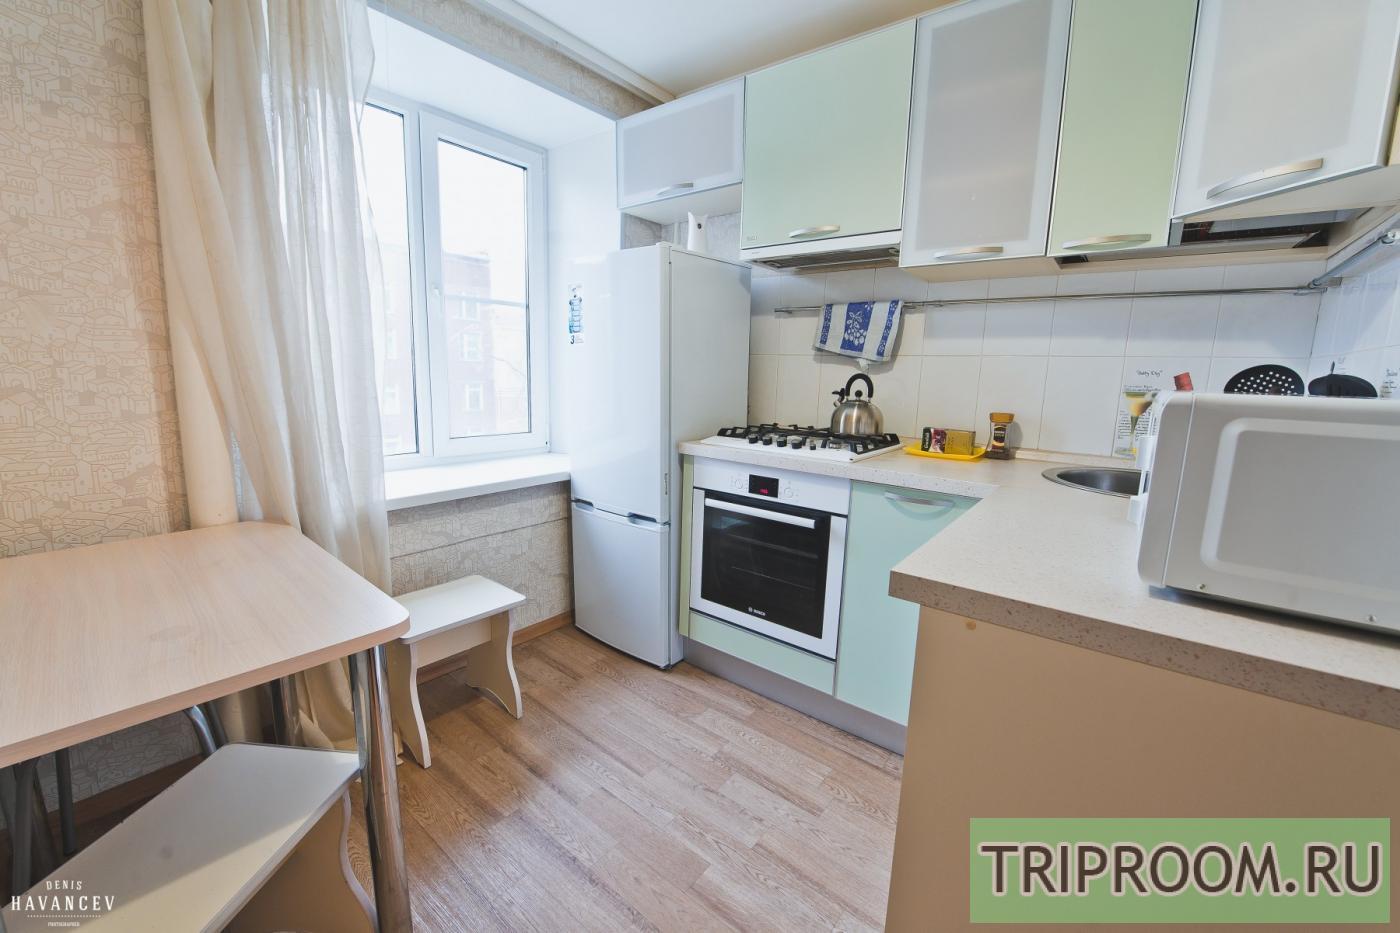 1-комнатная квартира посуточно (вариант № 14830), ул. Рахова улица, фото № 4